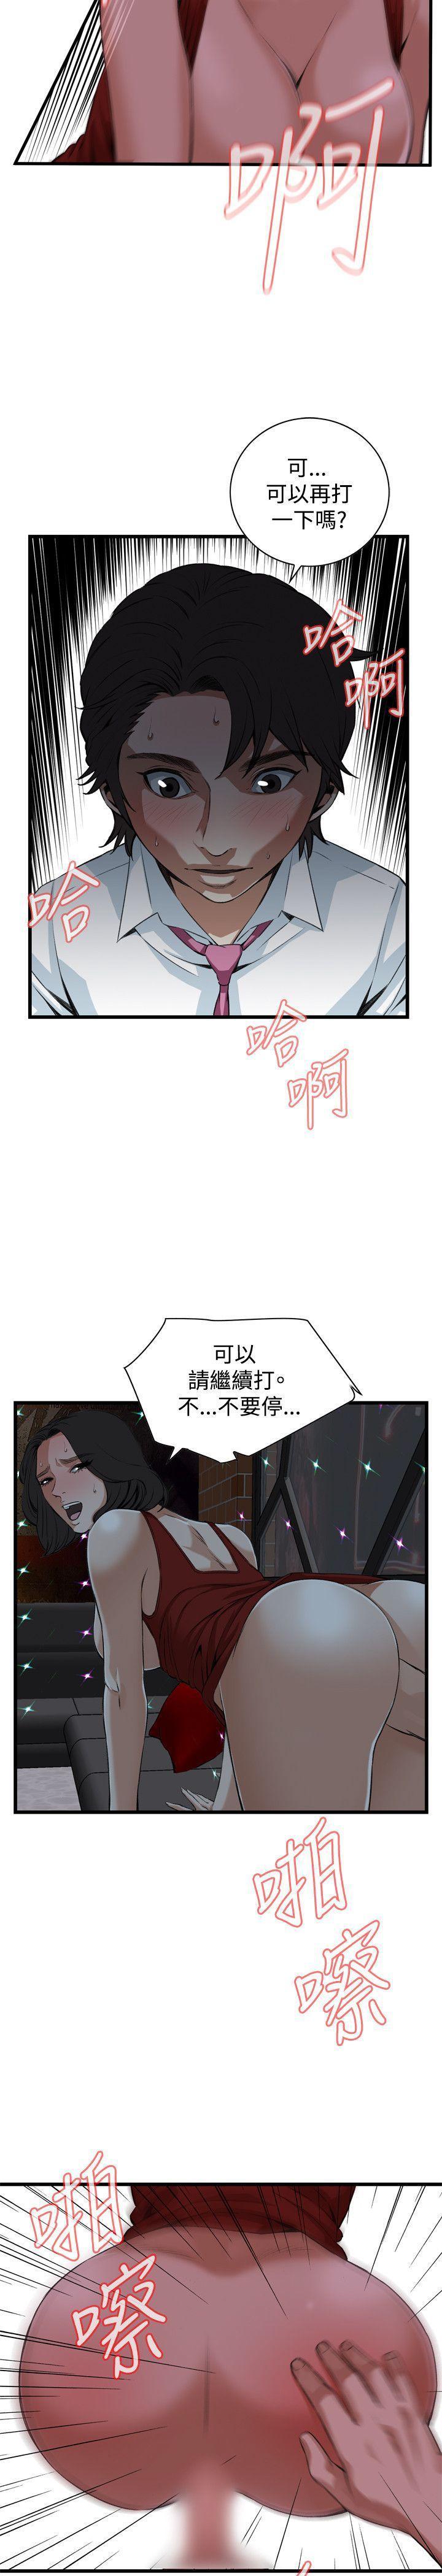 偷窥72-93 Chinese Rsiky 63